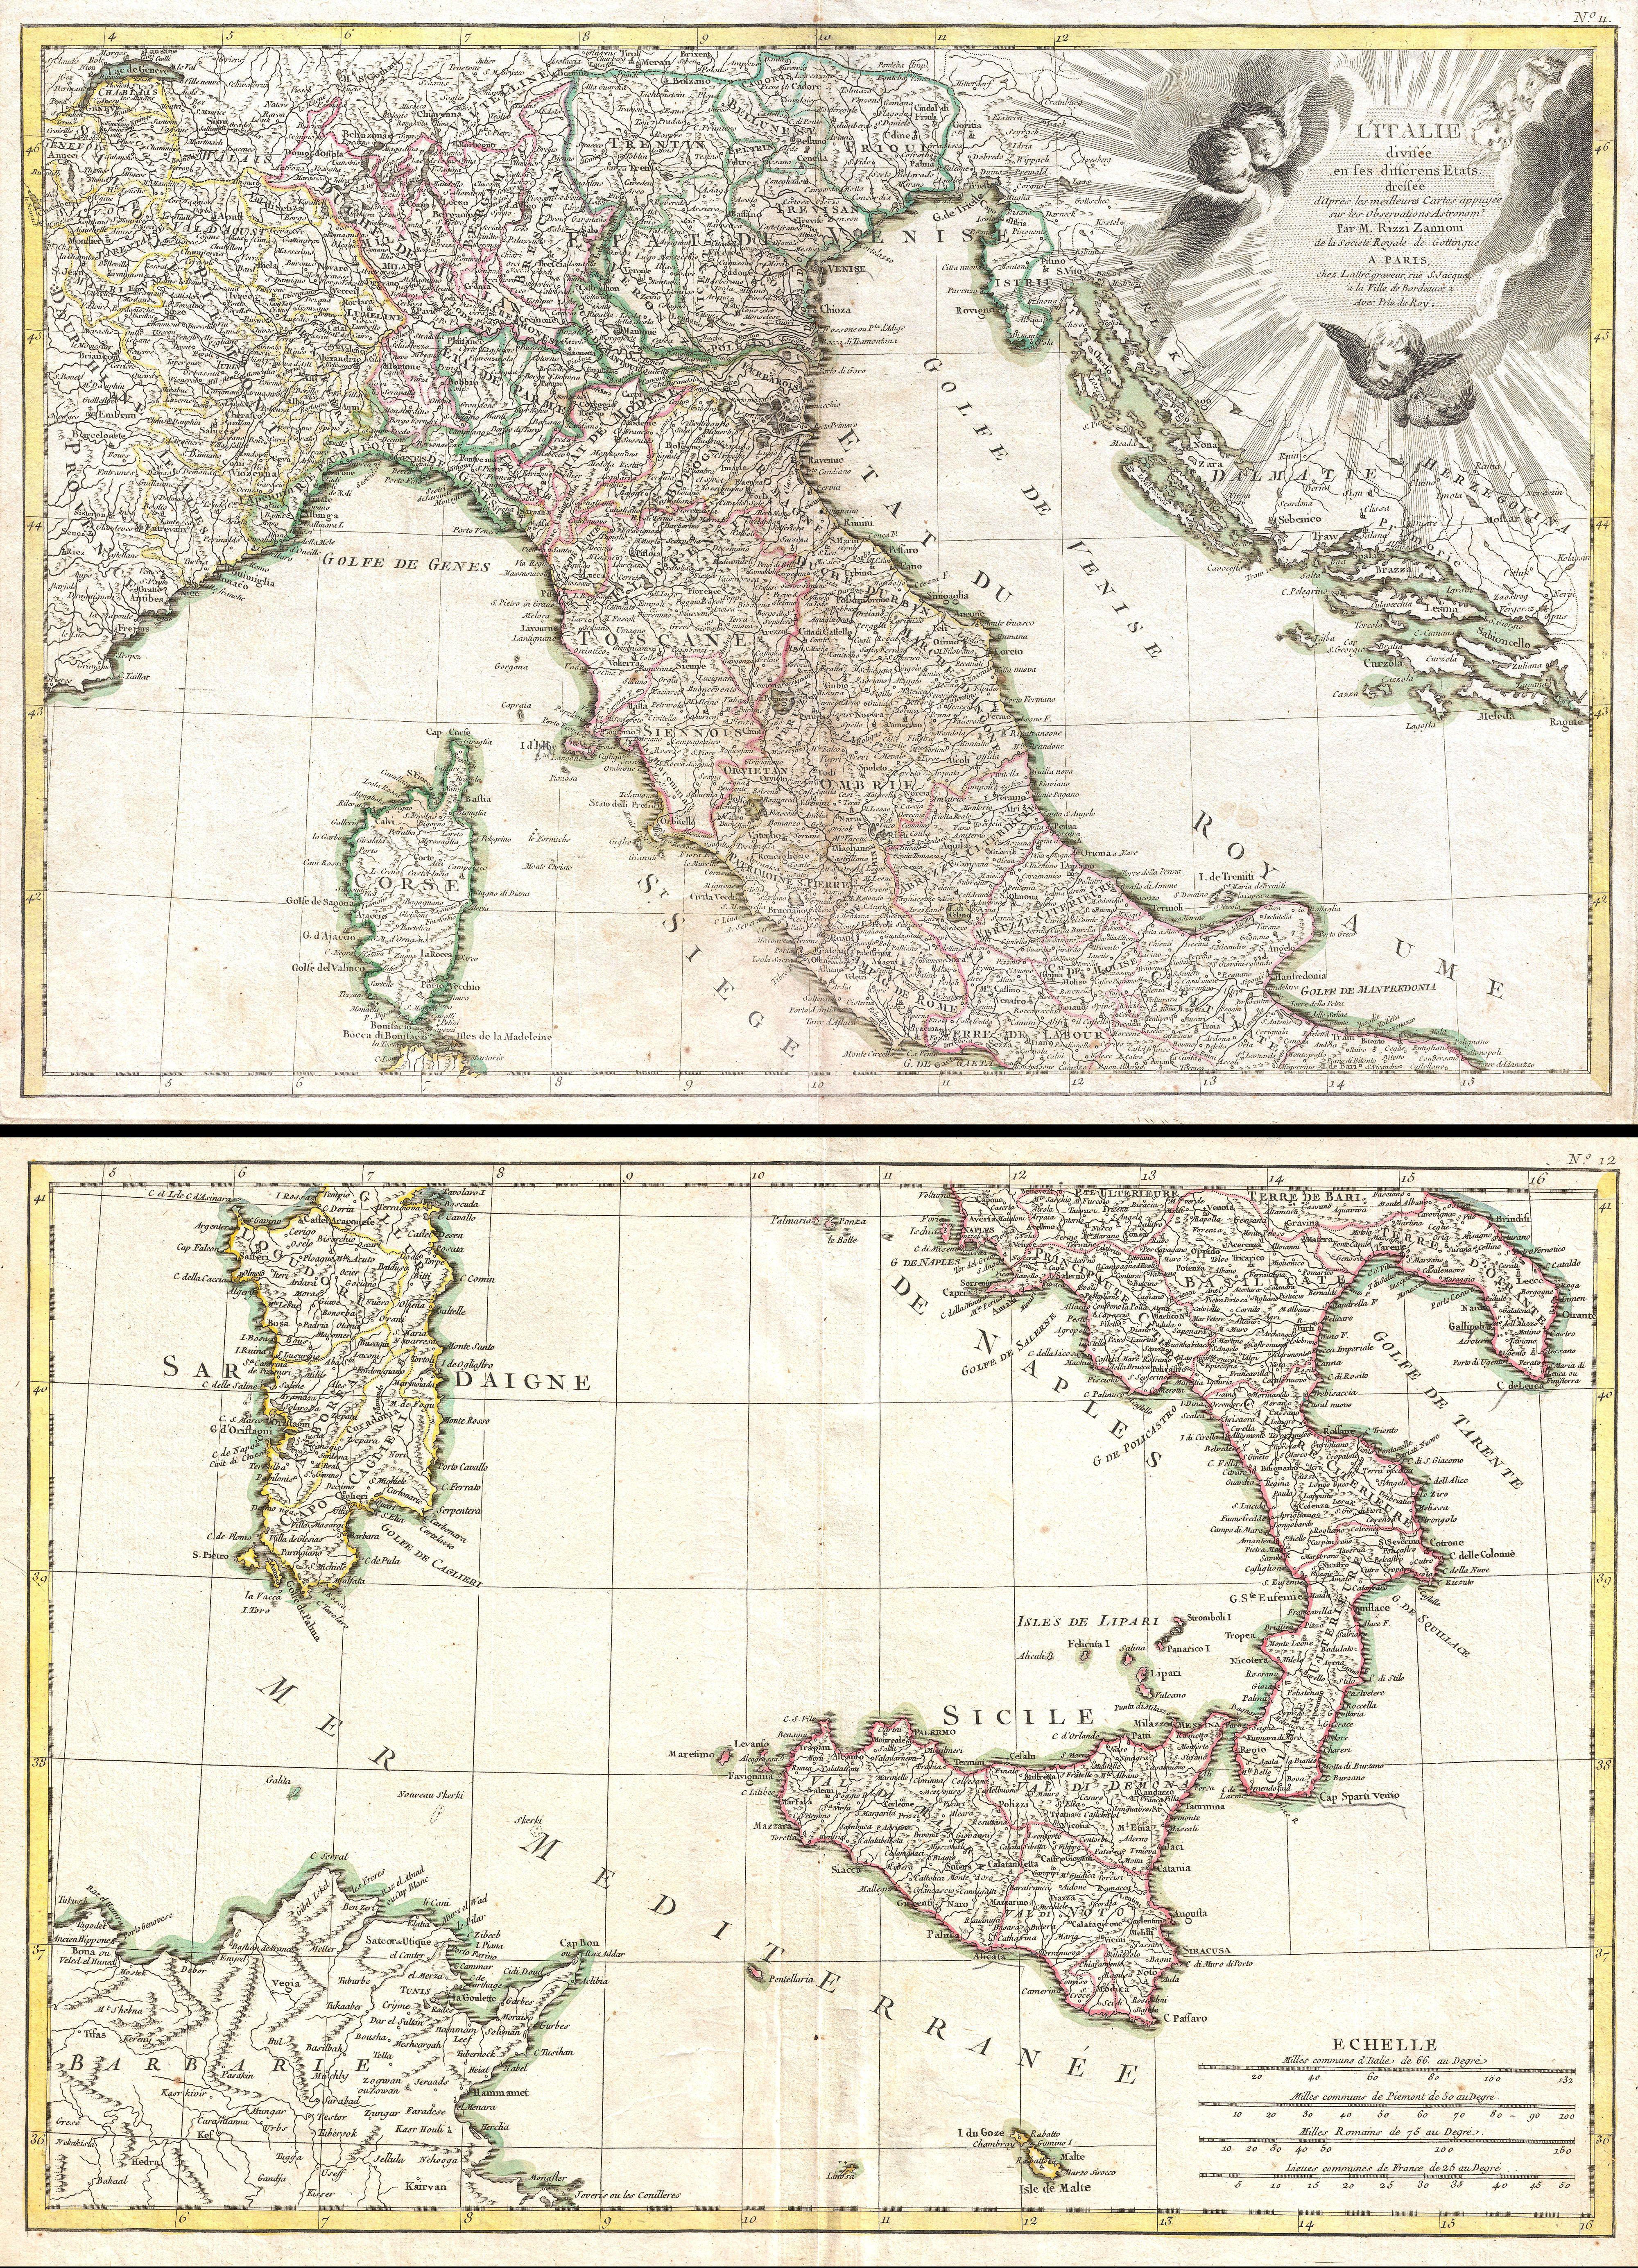 Giovanni antonio rizzi zannoni wikipedia litalie mappa del 1770 thecheapjerseys Choice Image